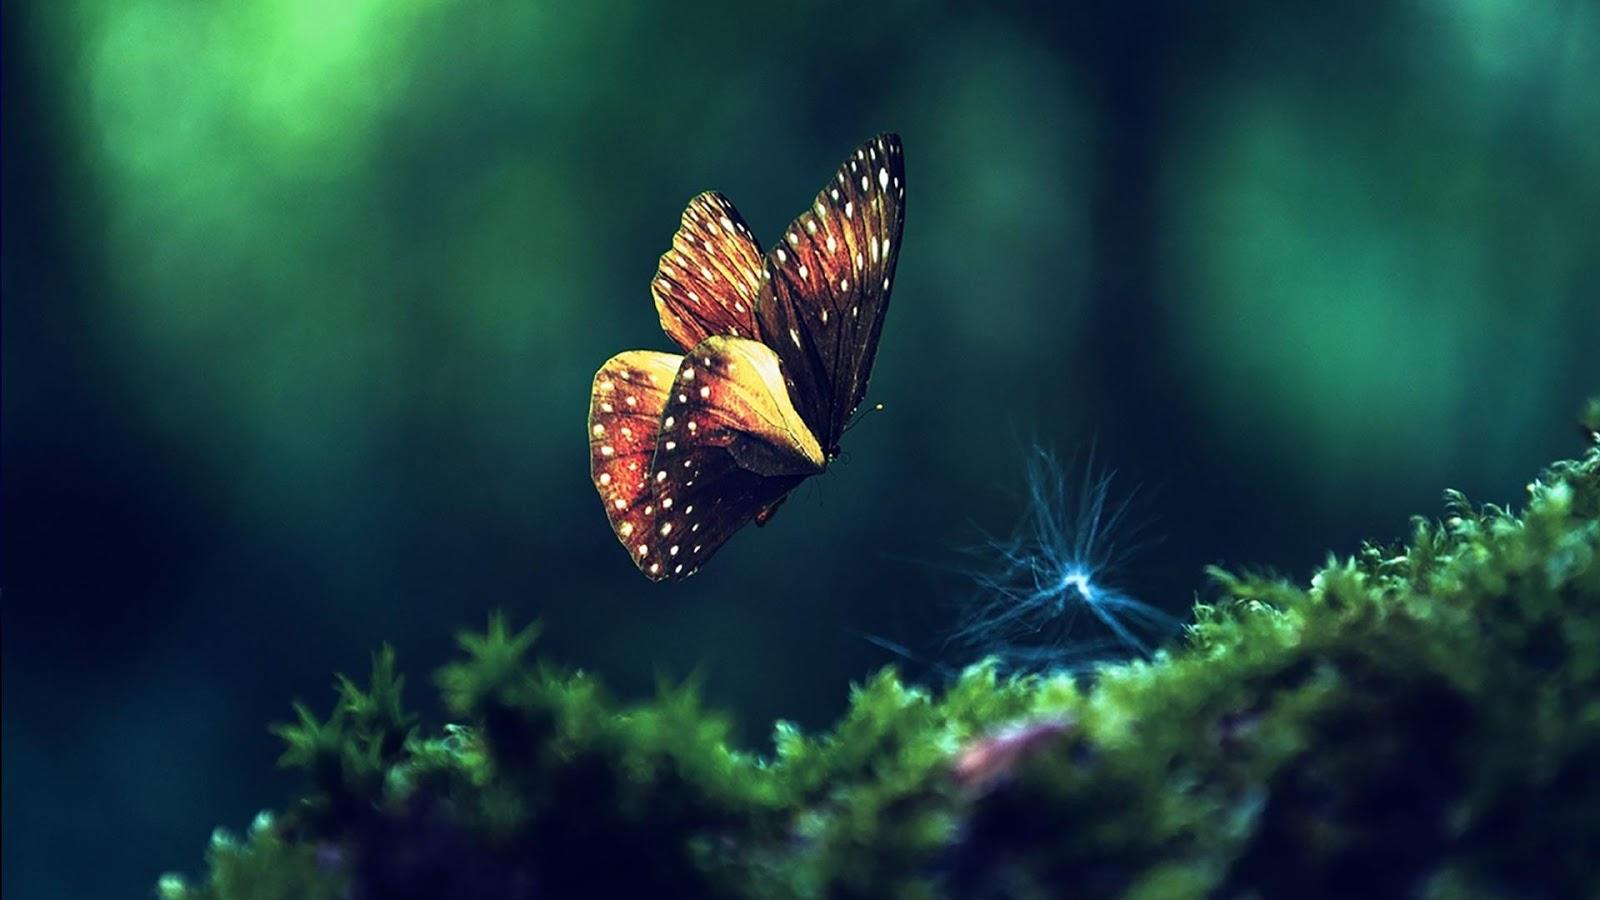 Butterfly Live Wallpaper   screenshot 1600x900